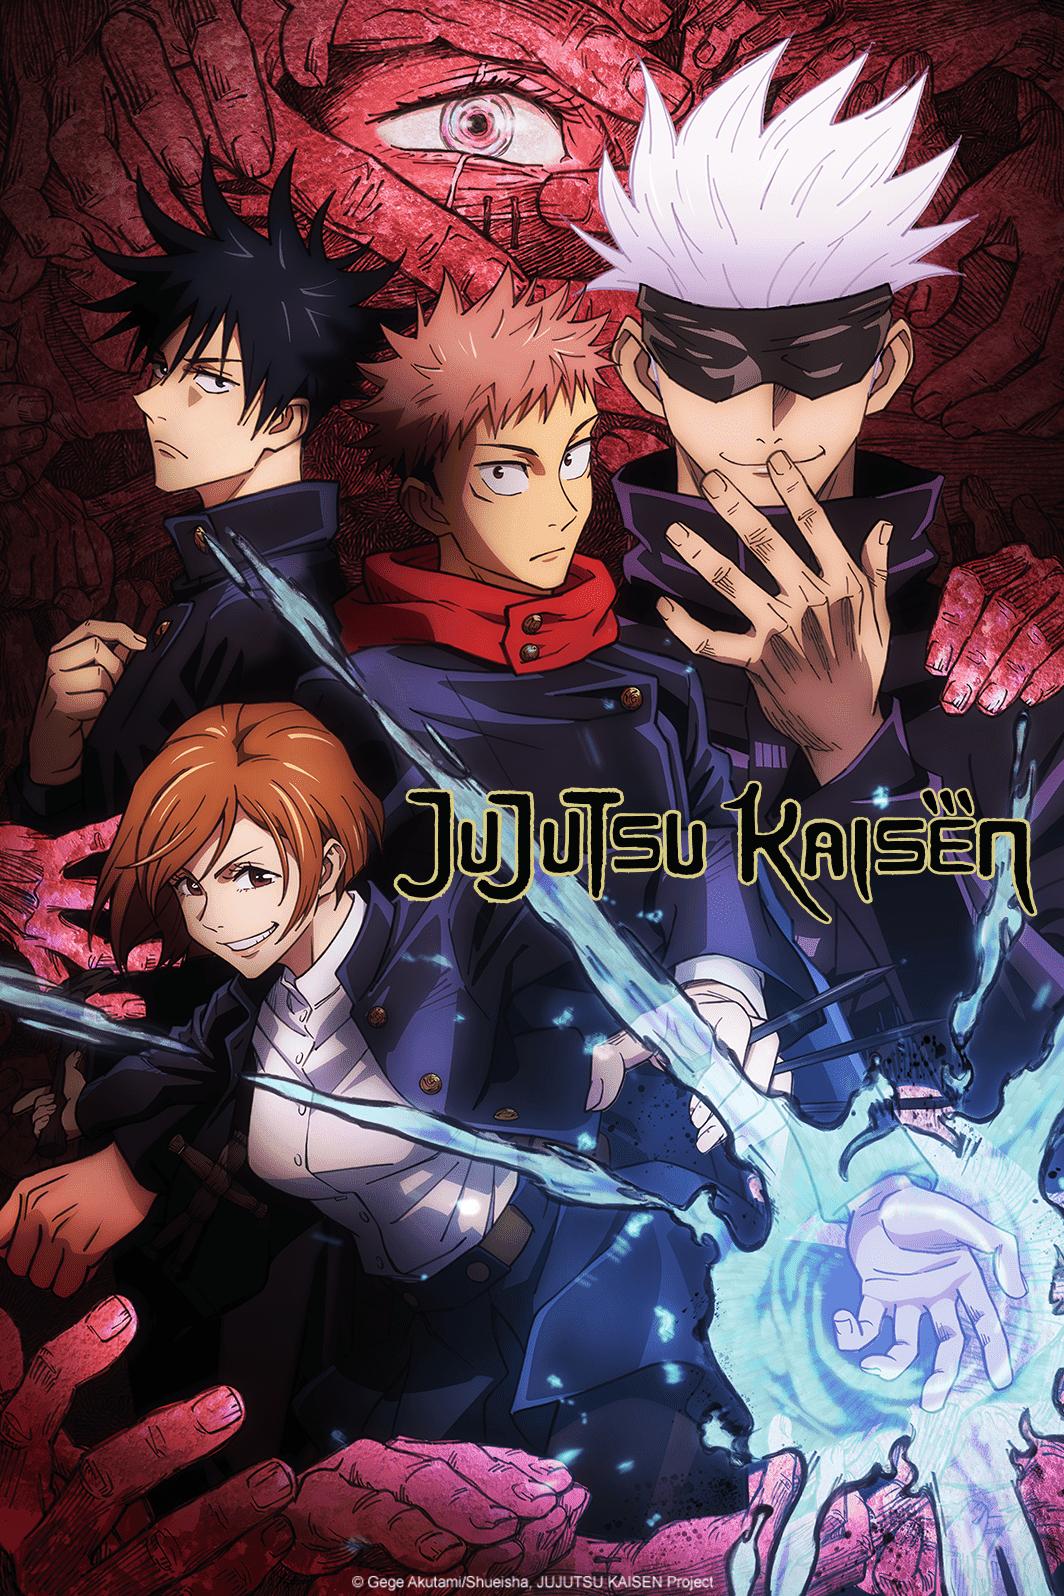 لمحبي الدبلجة الإنجليزية: أنمي Jujutsu Kaisen قادم قريبًا!